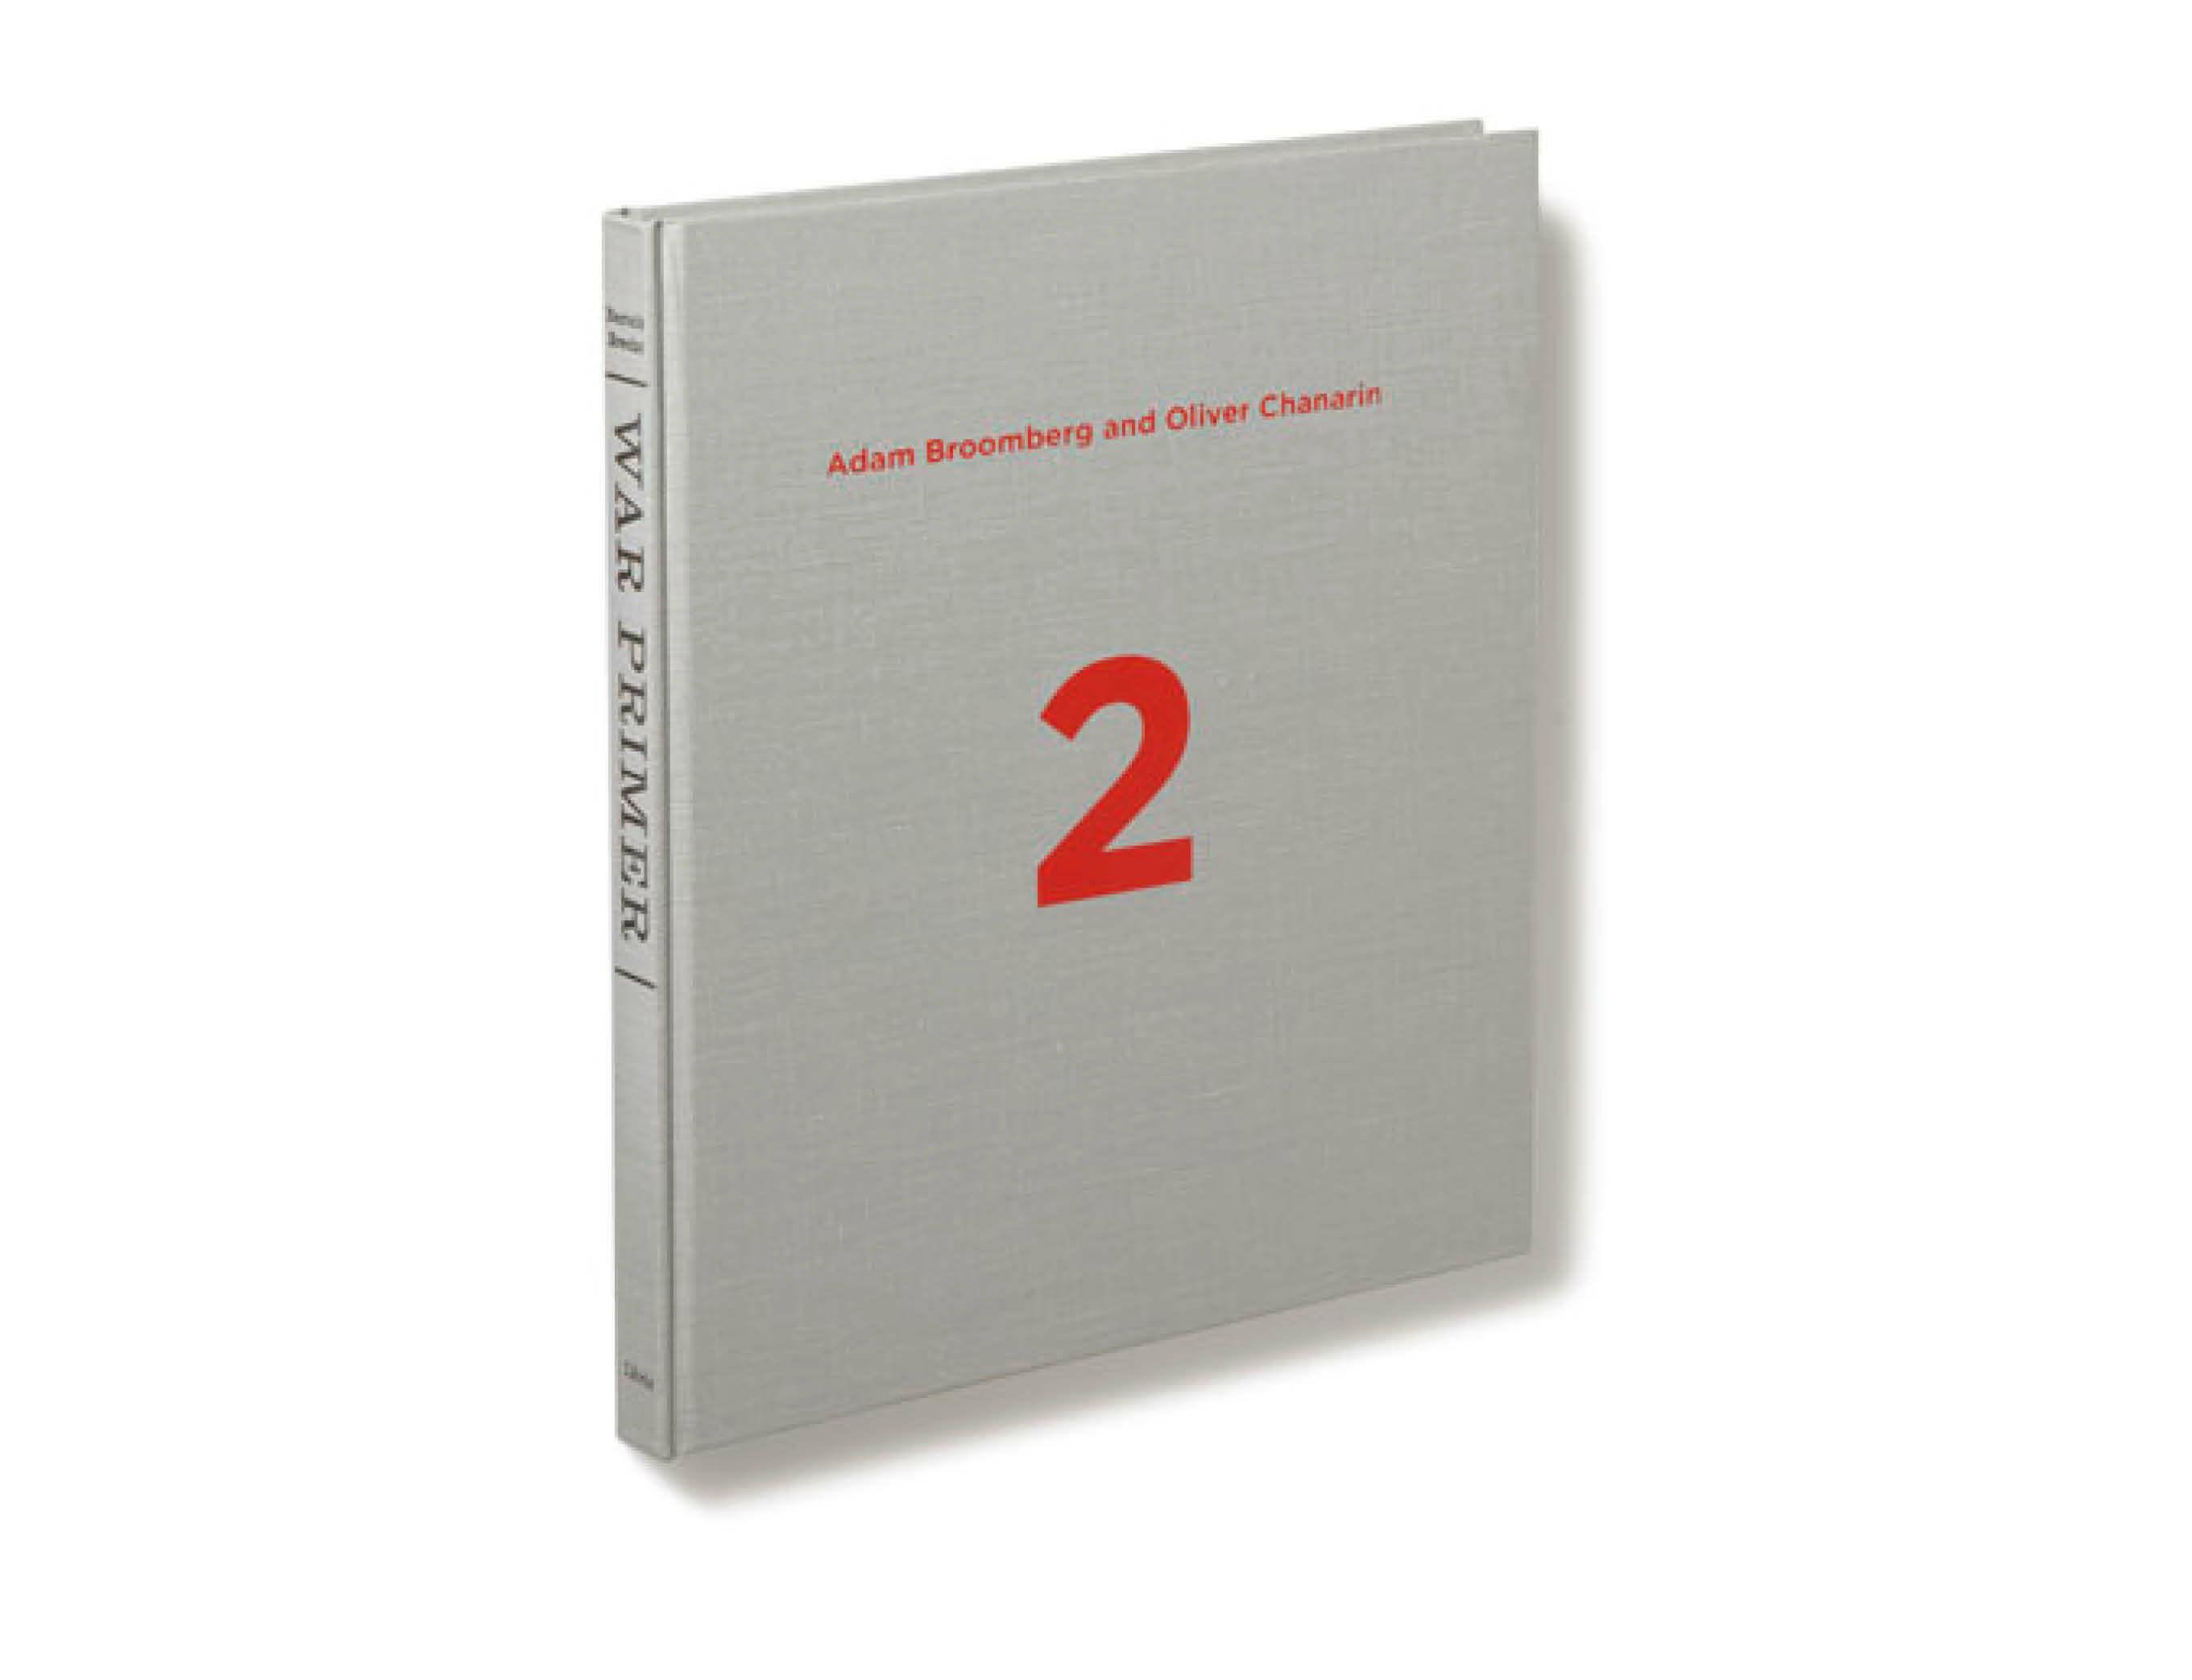 Broomberg & Chanarin re-issue award-winning publication 'War Primer 2'